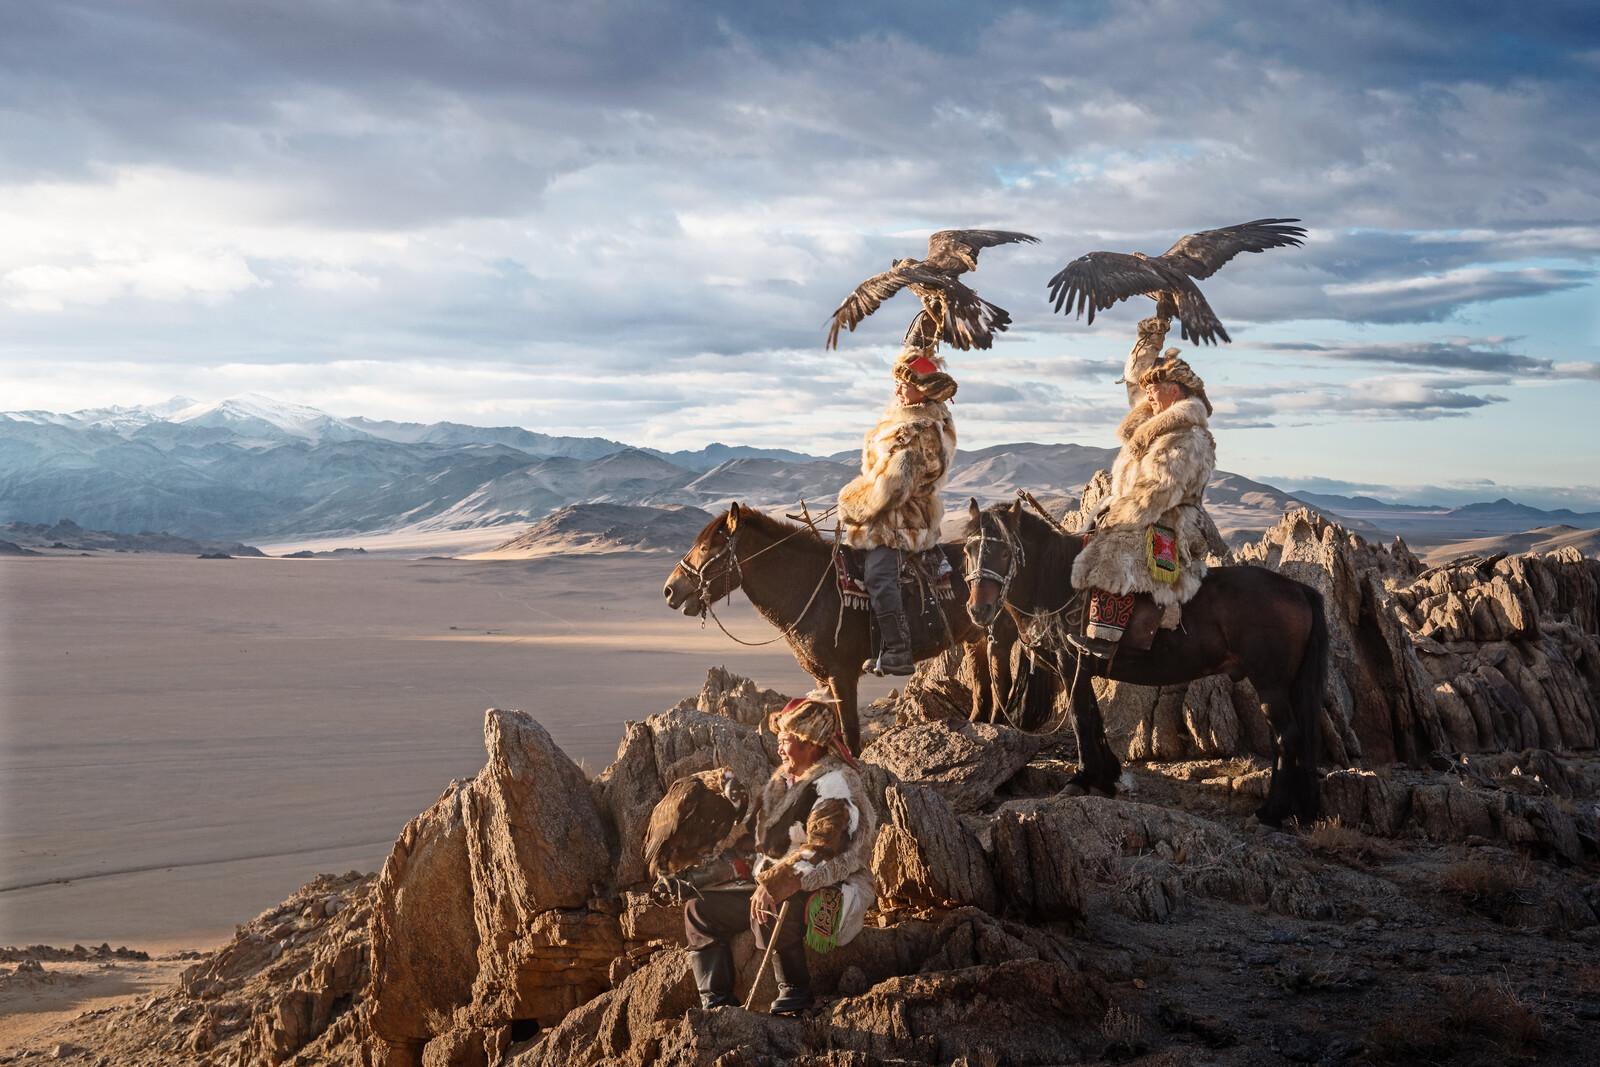 Mongolia Eagle Hunters II - Daniel Kordan